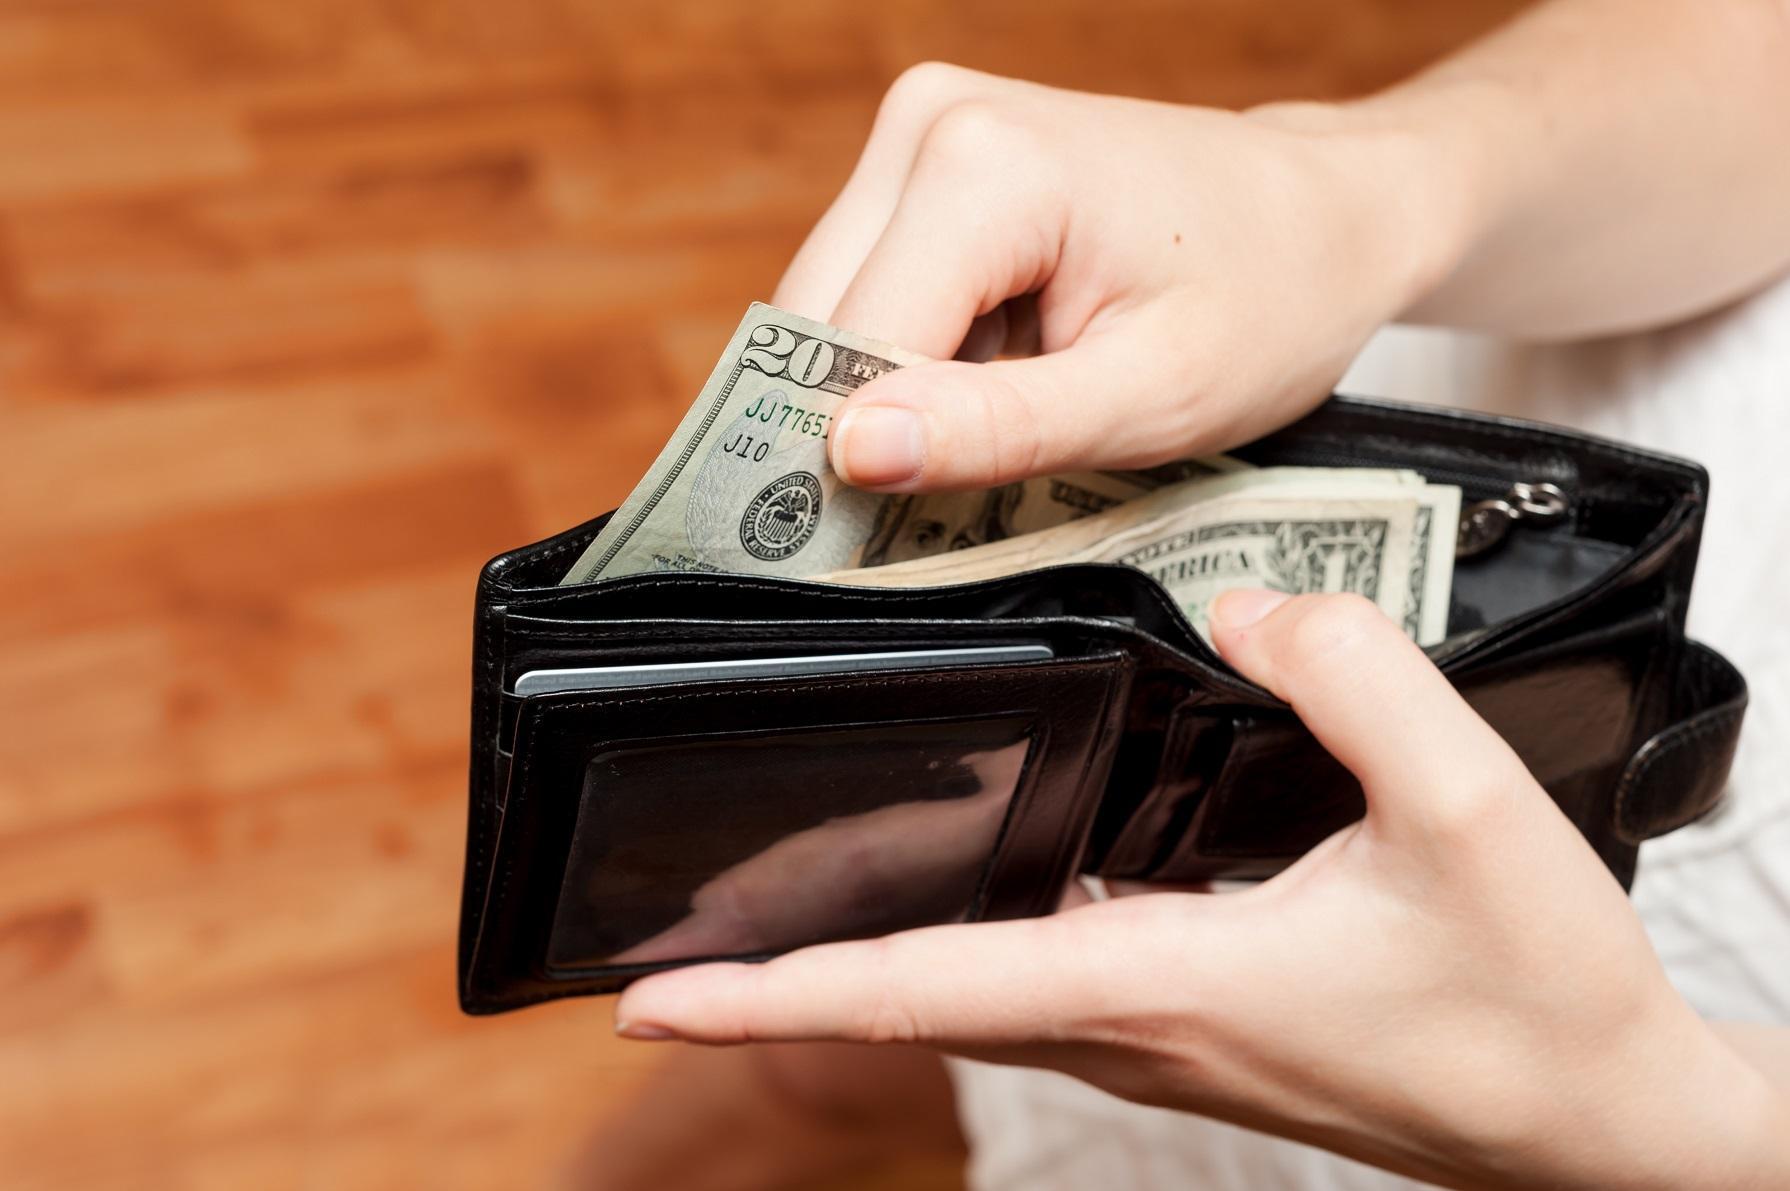 Лучший денежный кошелек – какой выбрать?